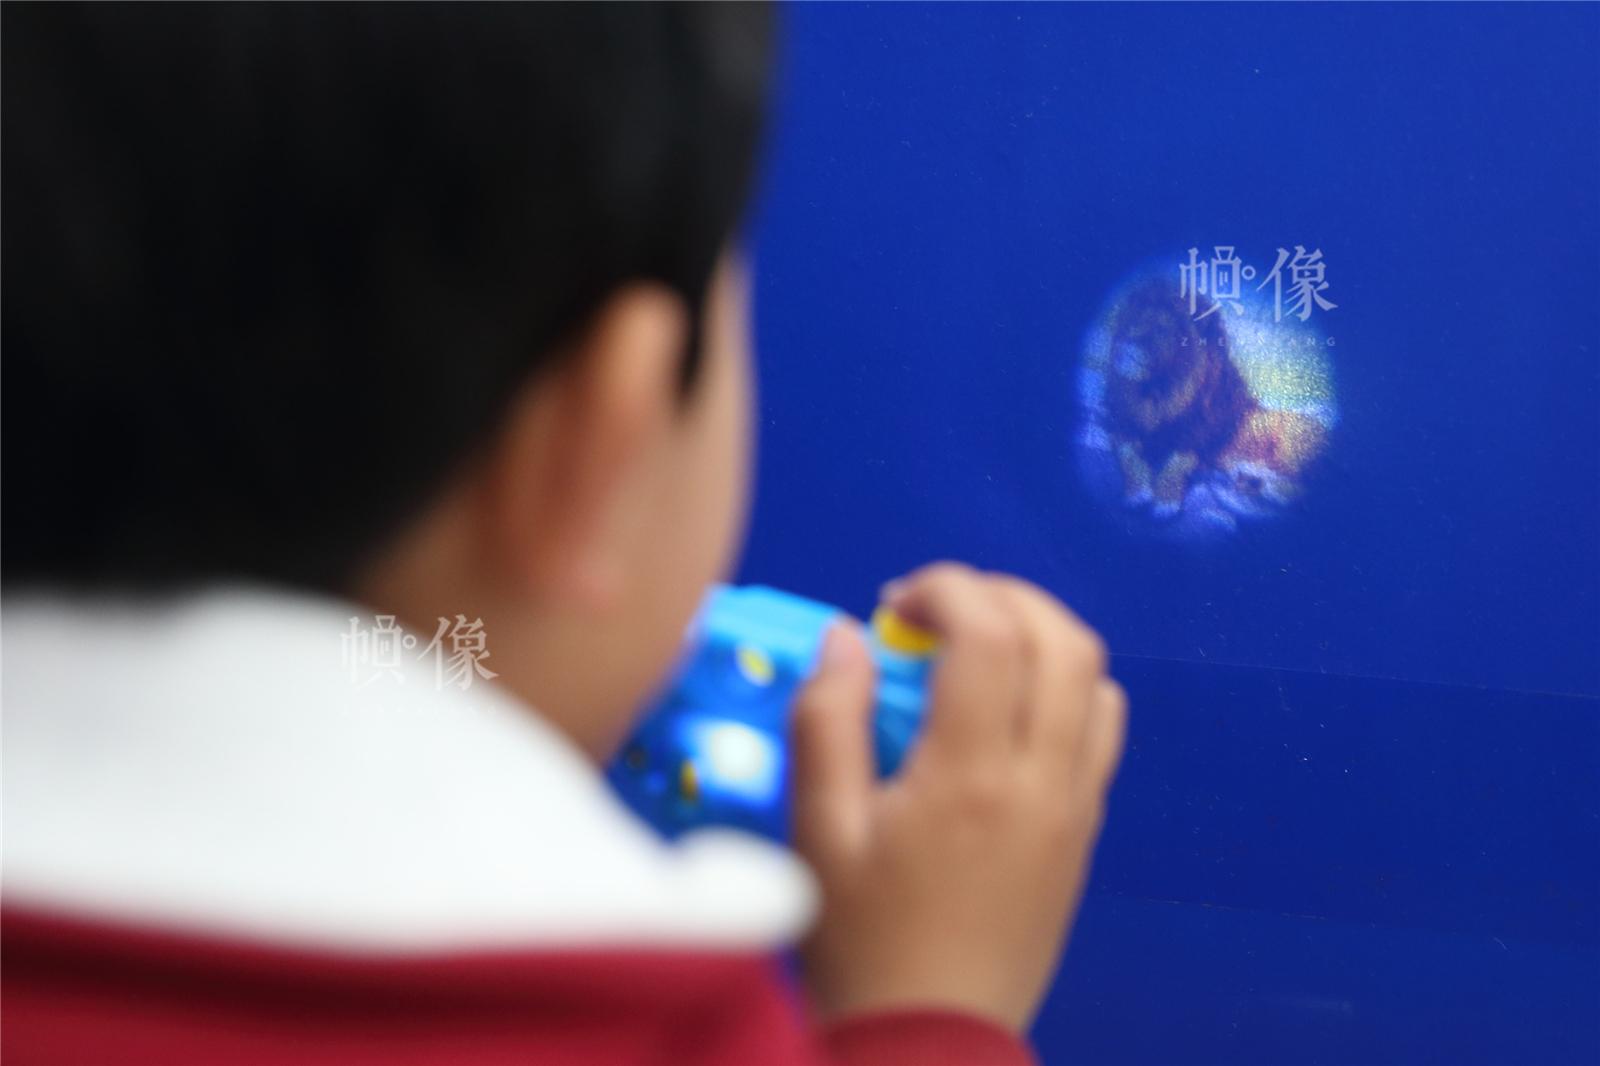 2017年3月27日,北京星星雨教育研究所,5歲的自閉症孩子源源在玩一個玩具相機。中國網記者陳維松 攝